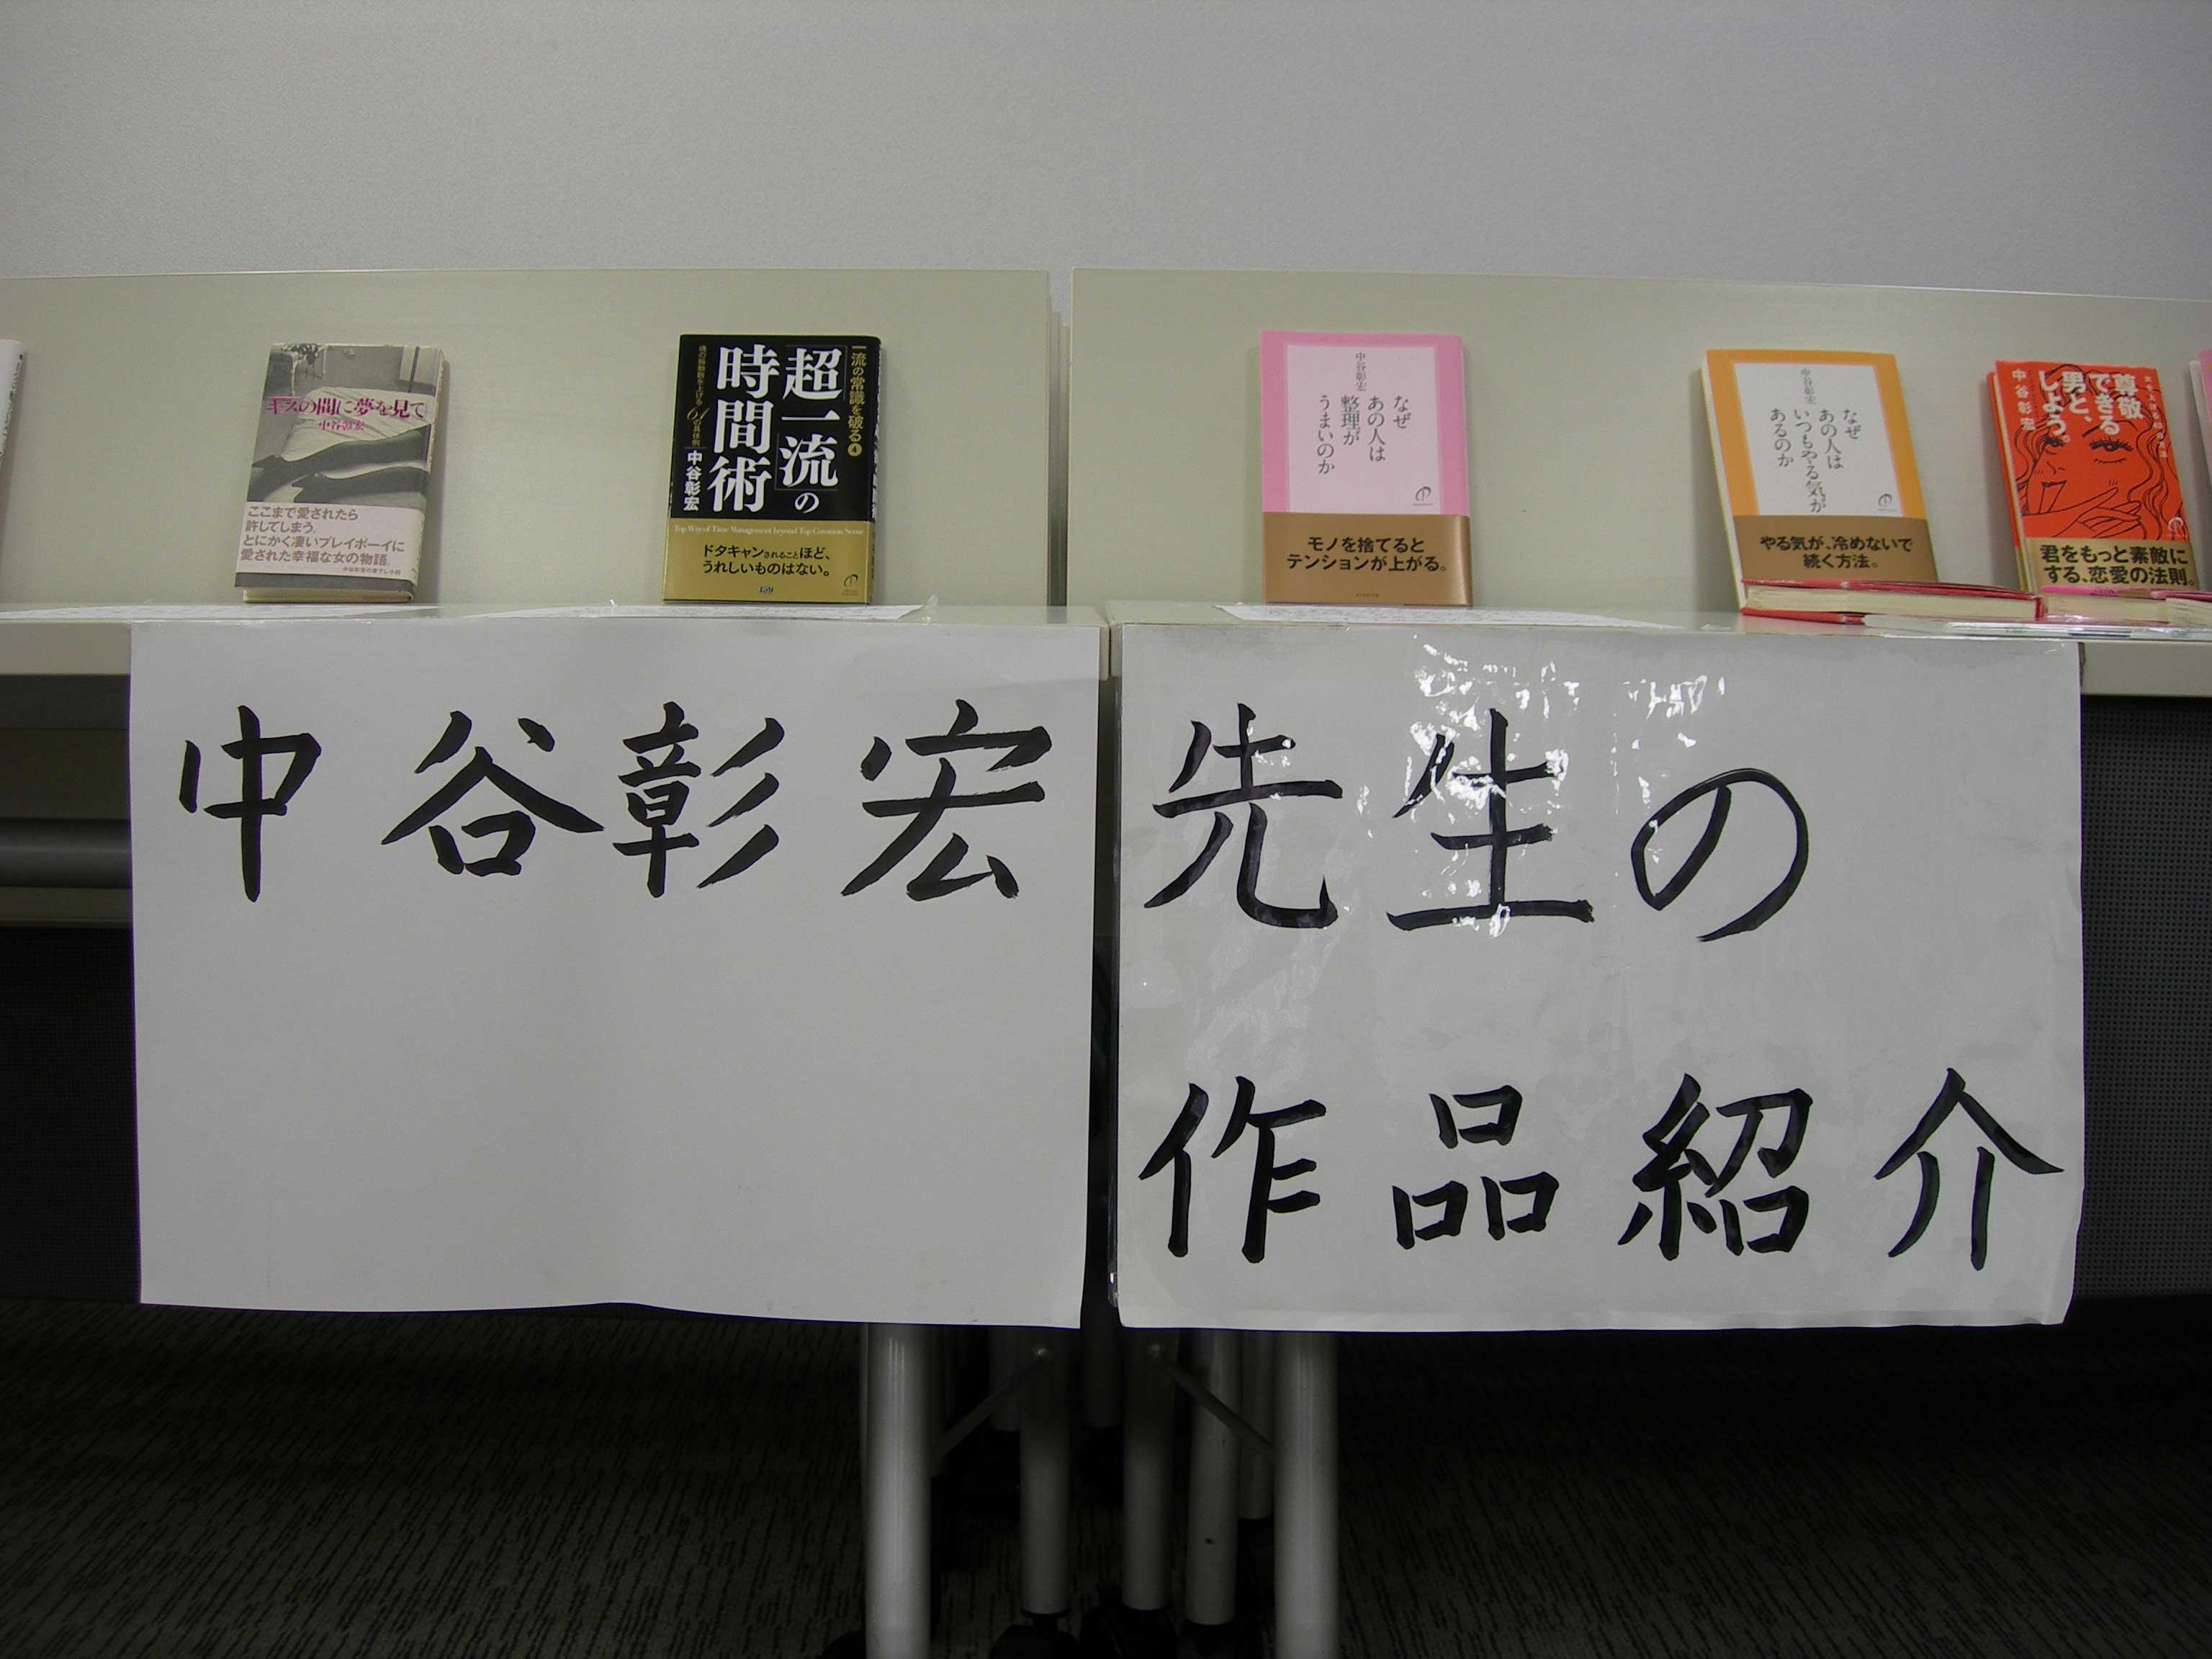 20100314_中谷彰宏先生の作品紹介.jpg